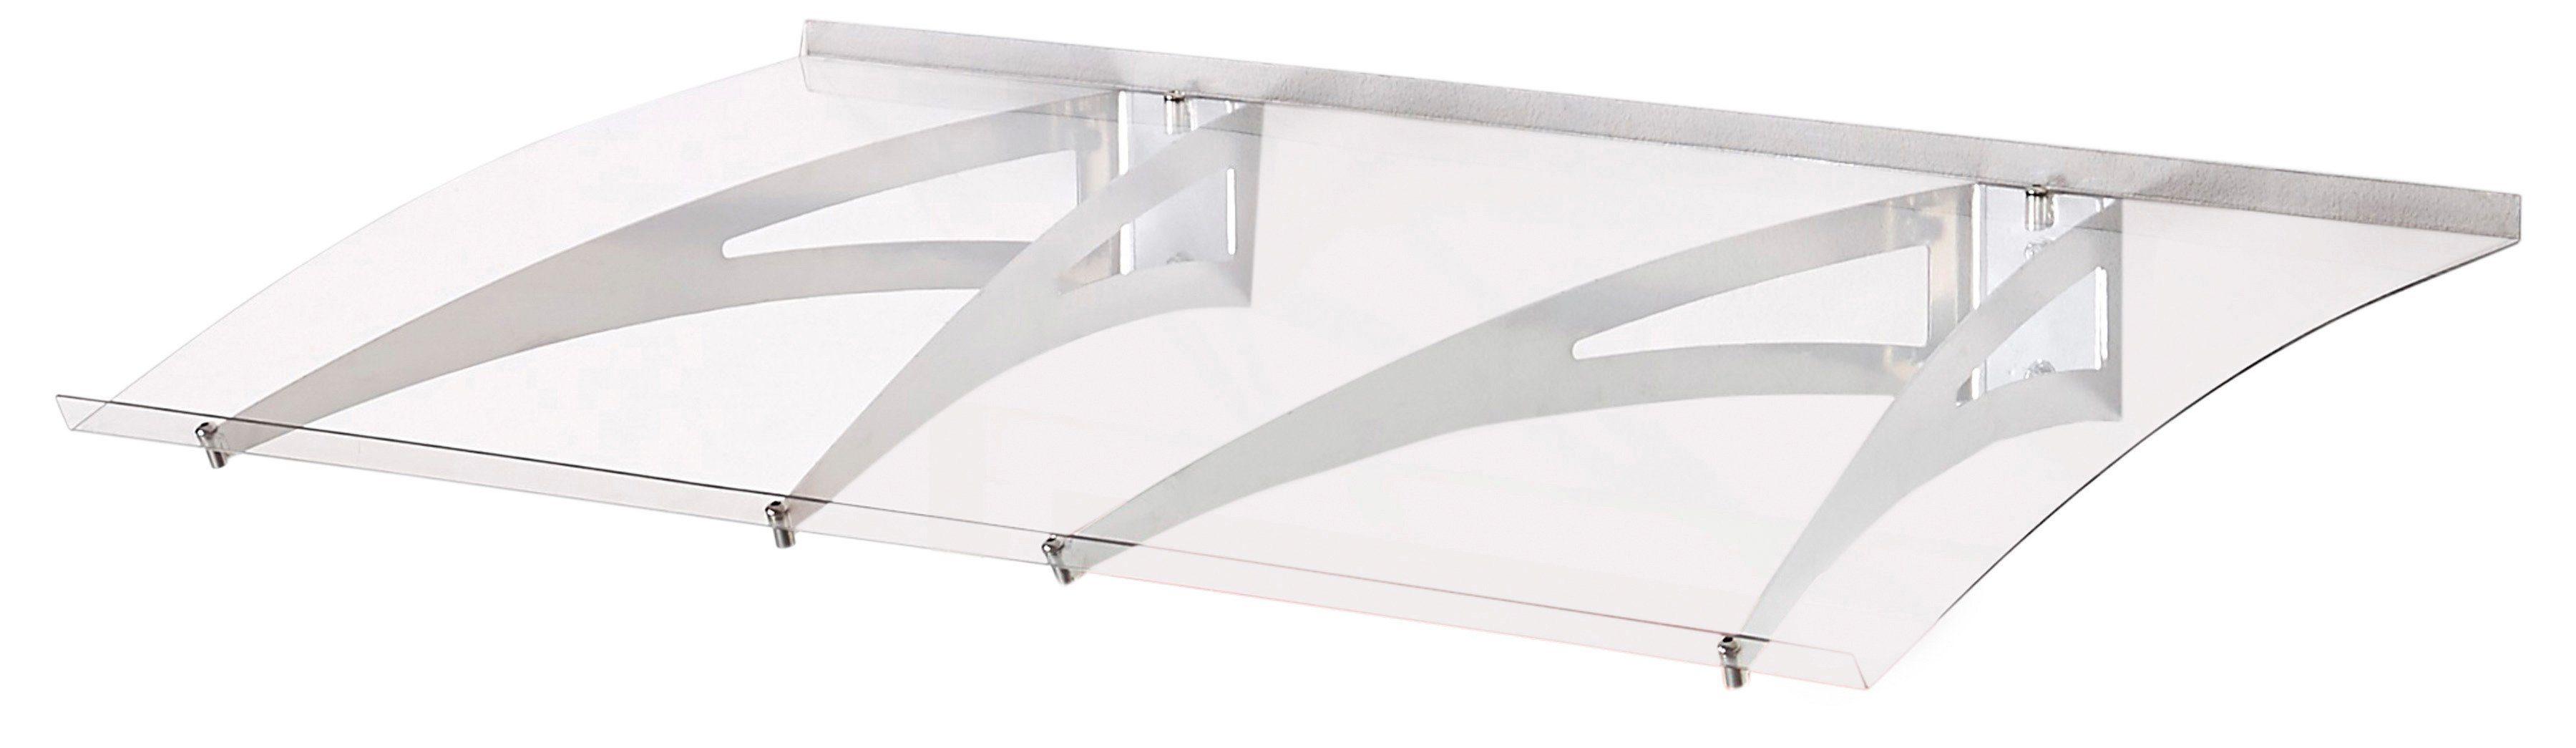 Vordach »MARY 1200« B/T/H: 120/70/15 cm, grau